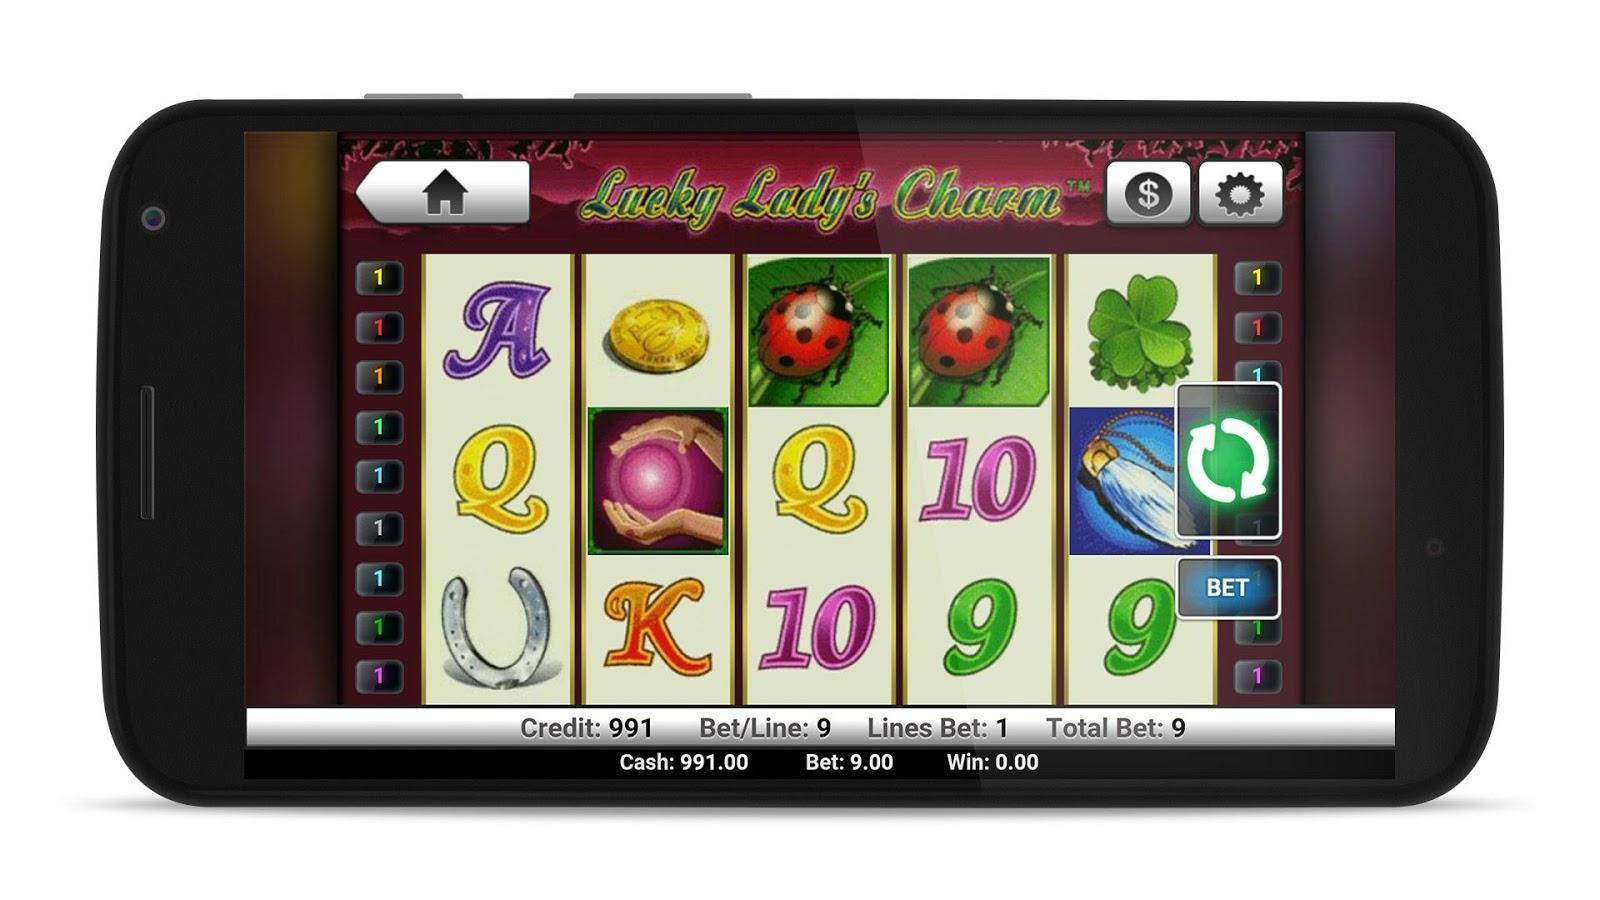 Игровые автоматы на реальные деньги андроид скачать скрипт онлайн казино торрент